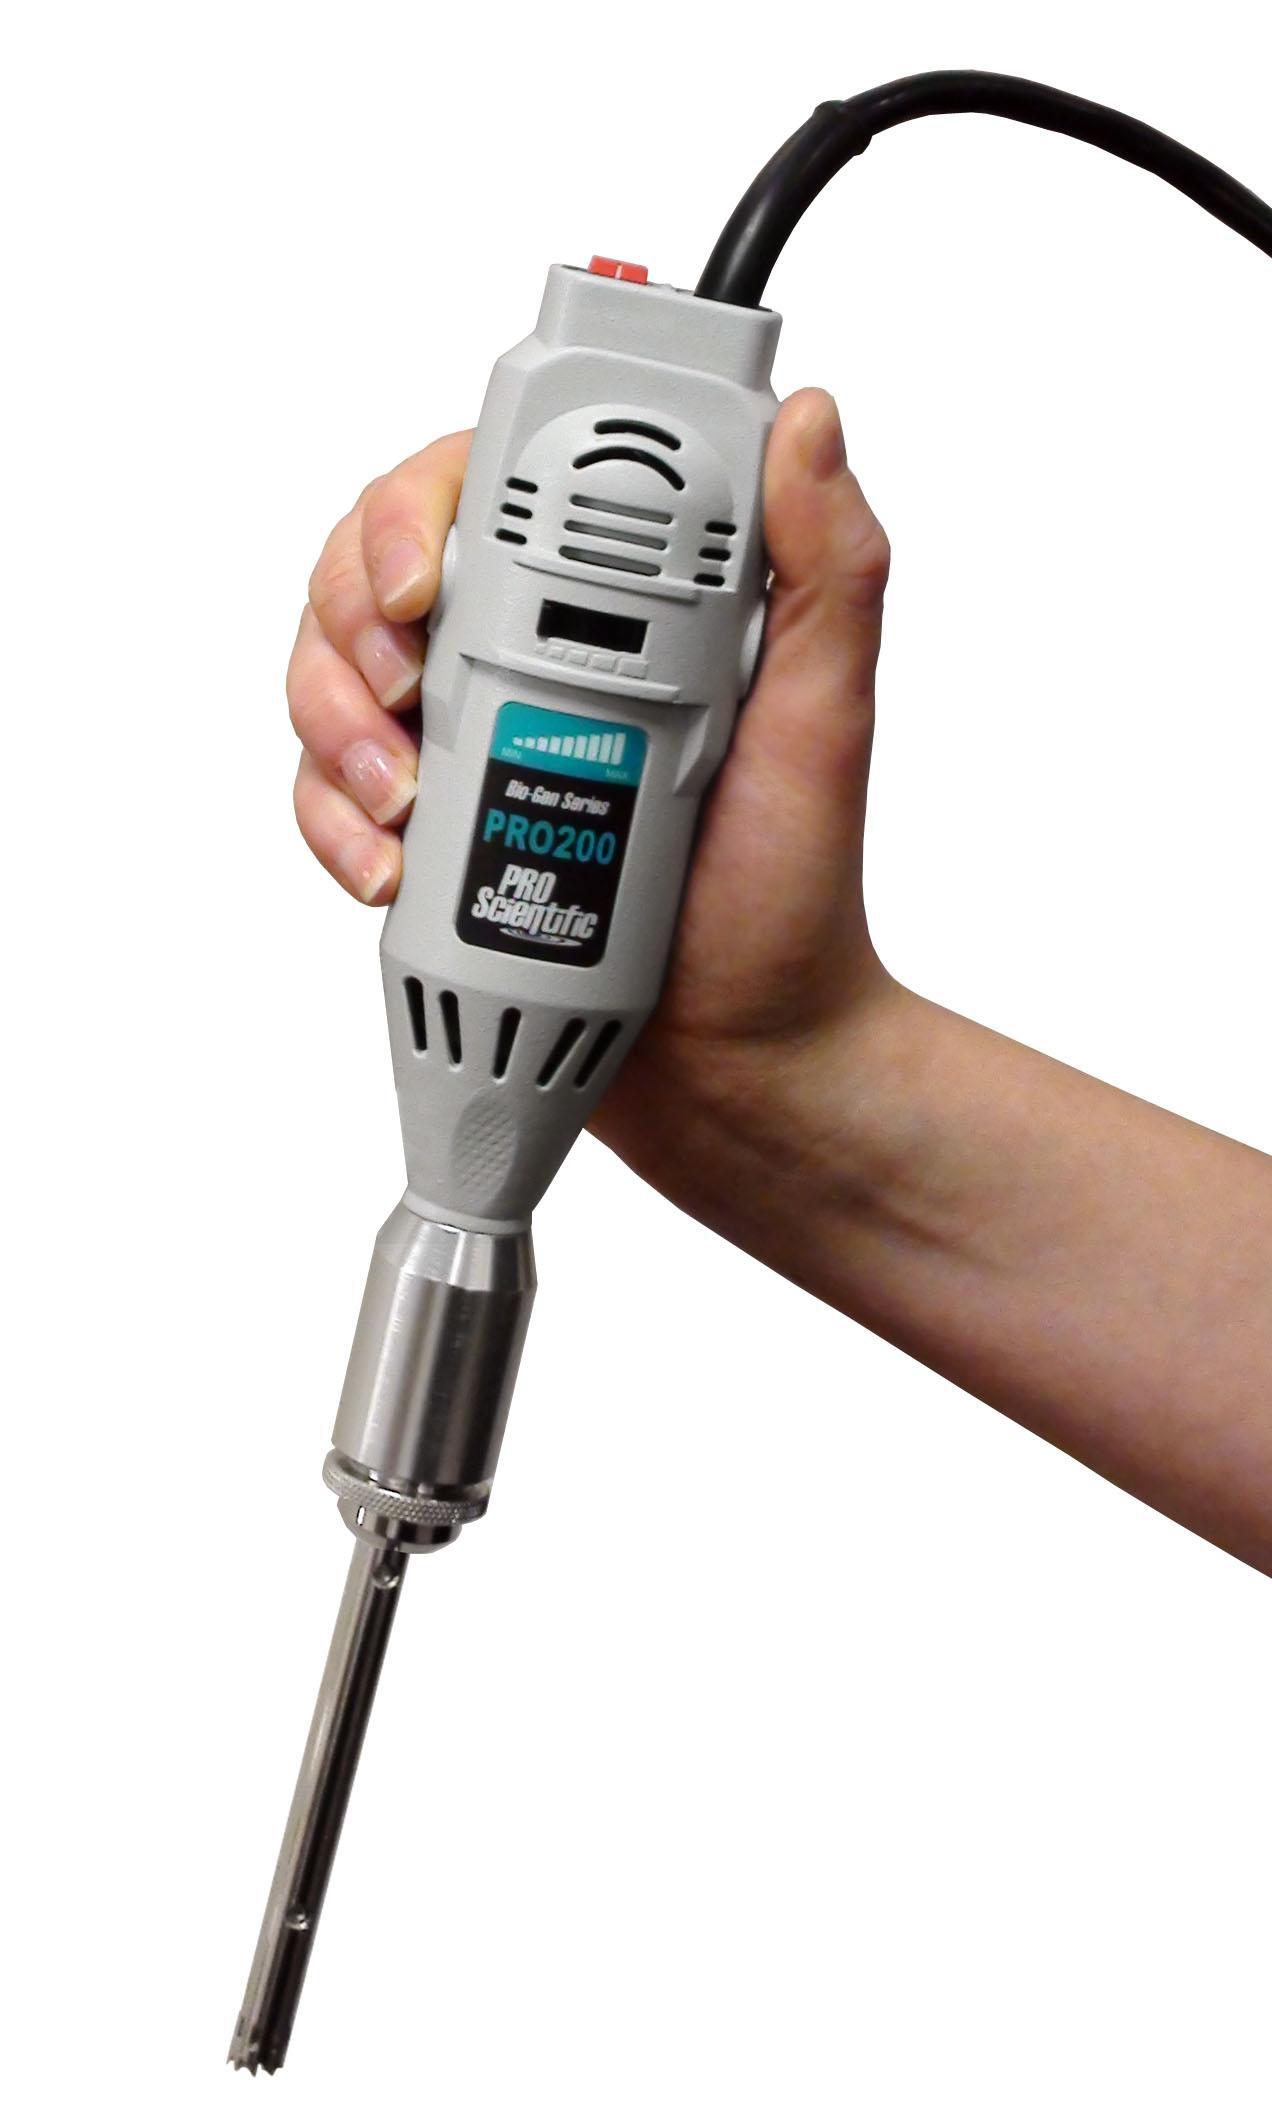 1//5 hp PRO Scientific Bio-Gen PRO200 Handheld Homogenizer 220V 5,000-33,000 rpm